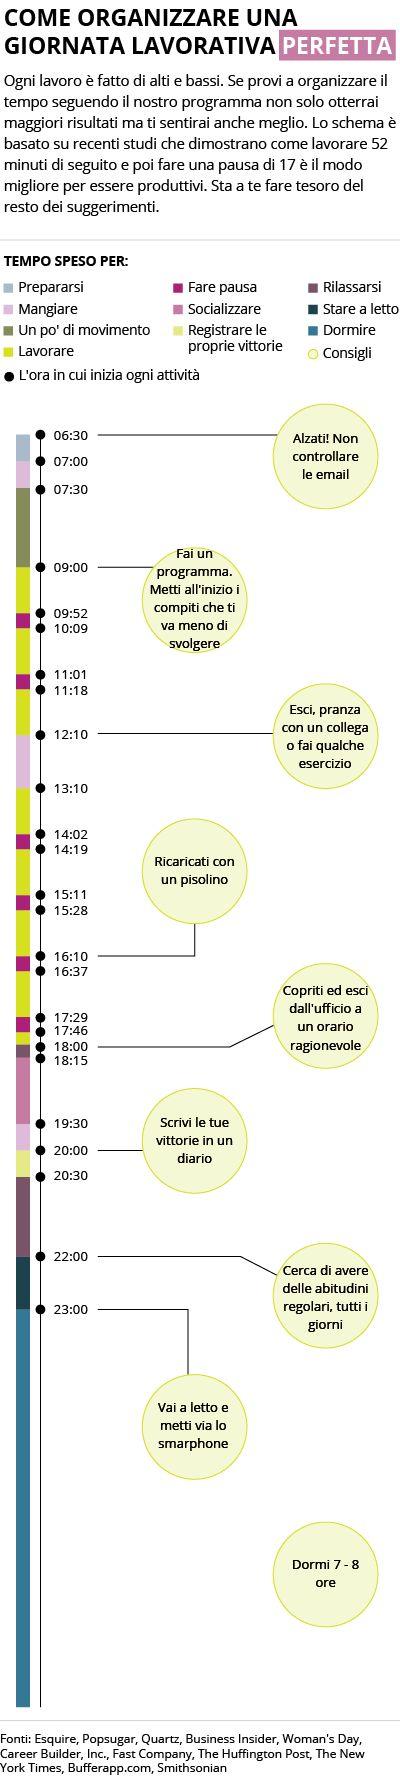 Come organizzare una perfetta giornata lavorativa (INFOGRAFICA)